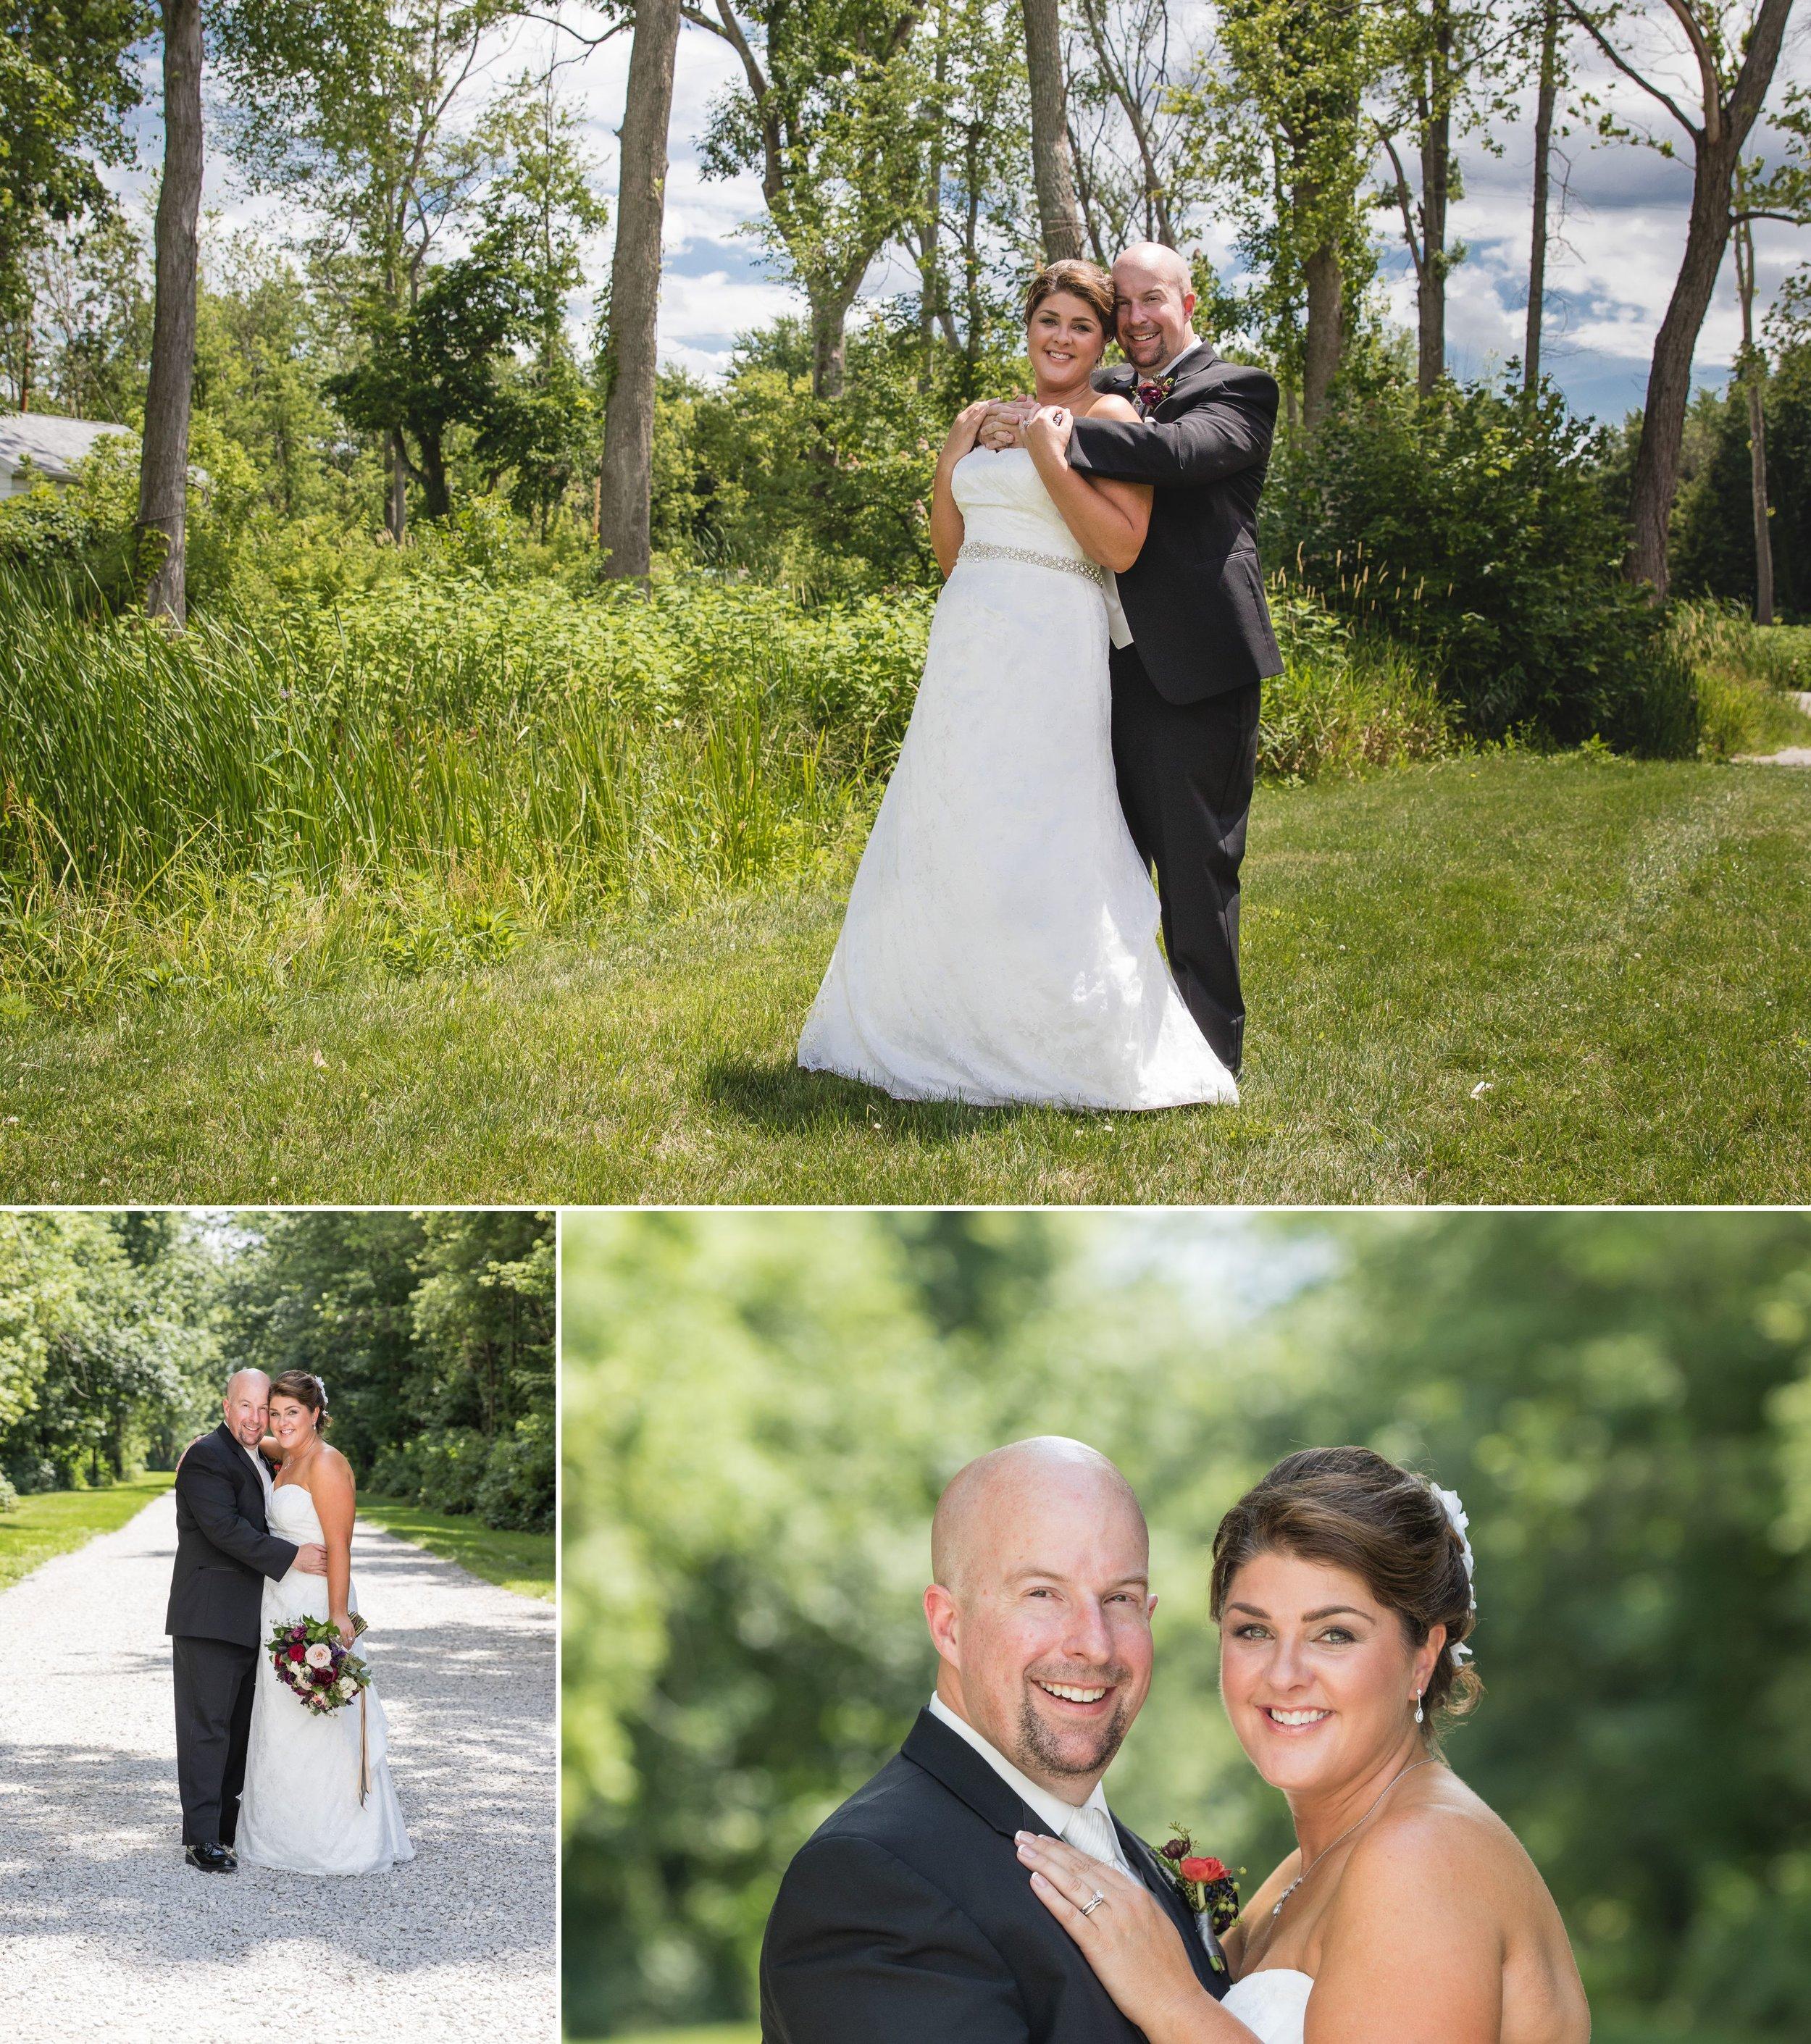 006-Buckeye-lake-winery-wedding-couple-wedding-party-portraits-columbus-ohio-wedding-muschlitz-photography-04.JPG